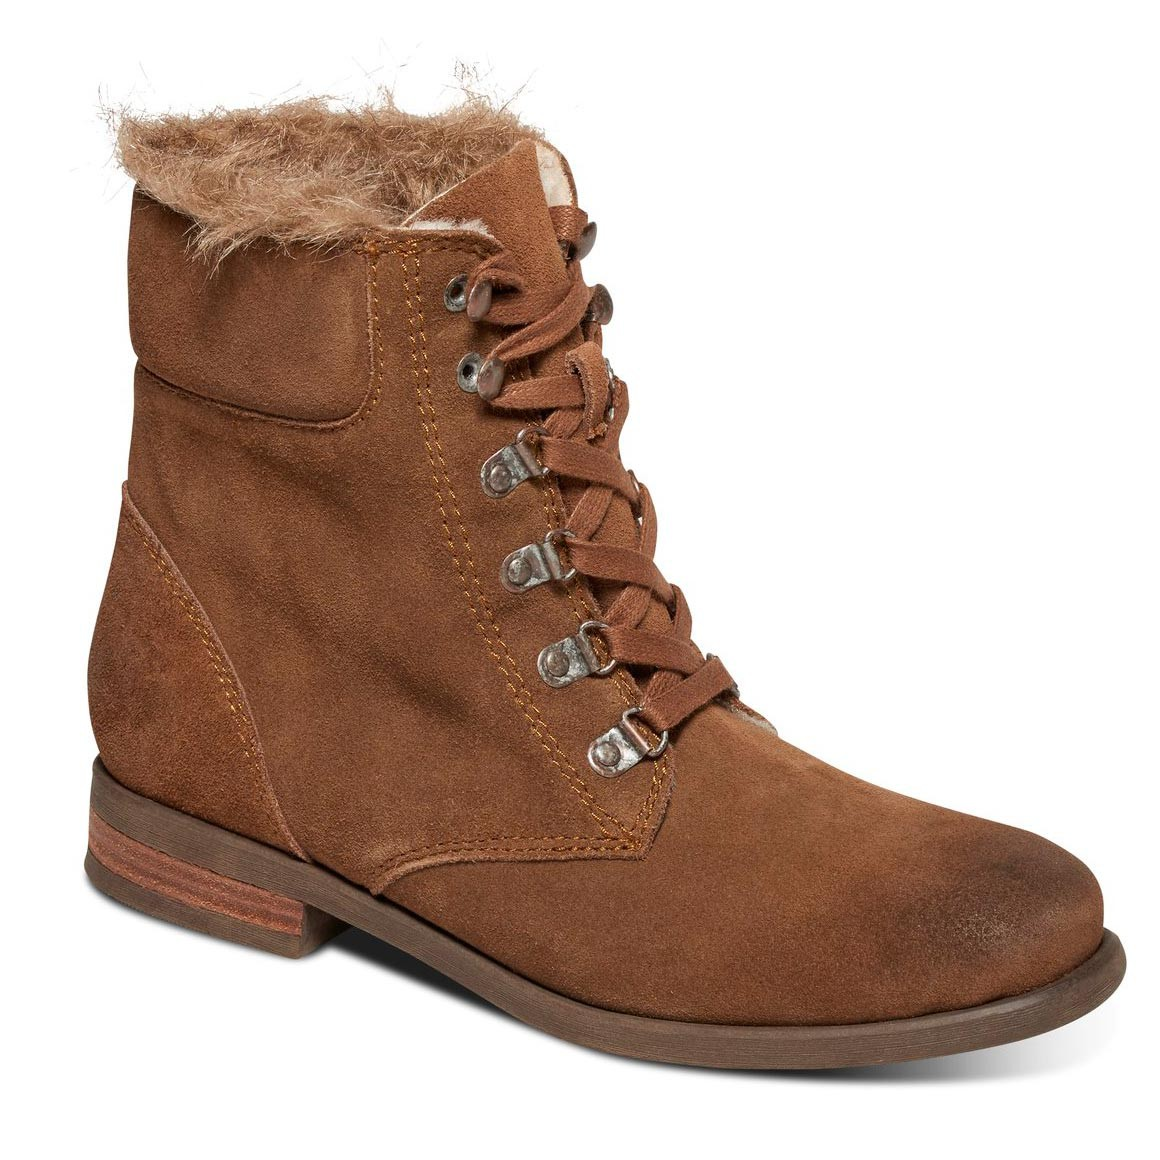 Zimní boty Roxy Bromley tan vel.6 (39) 16 + doručení do 24 hodin